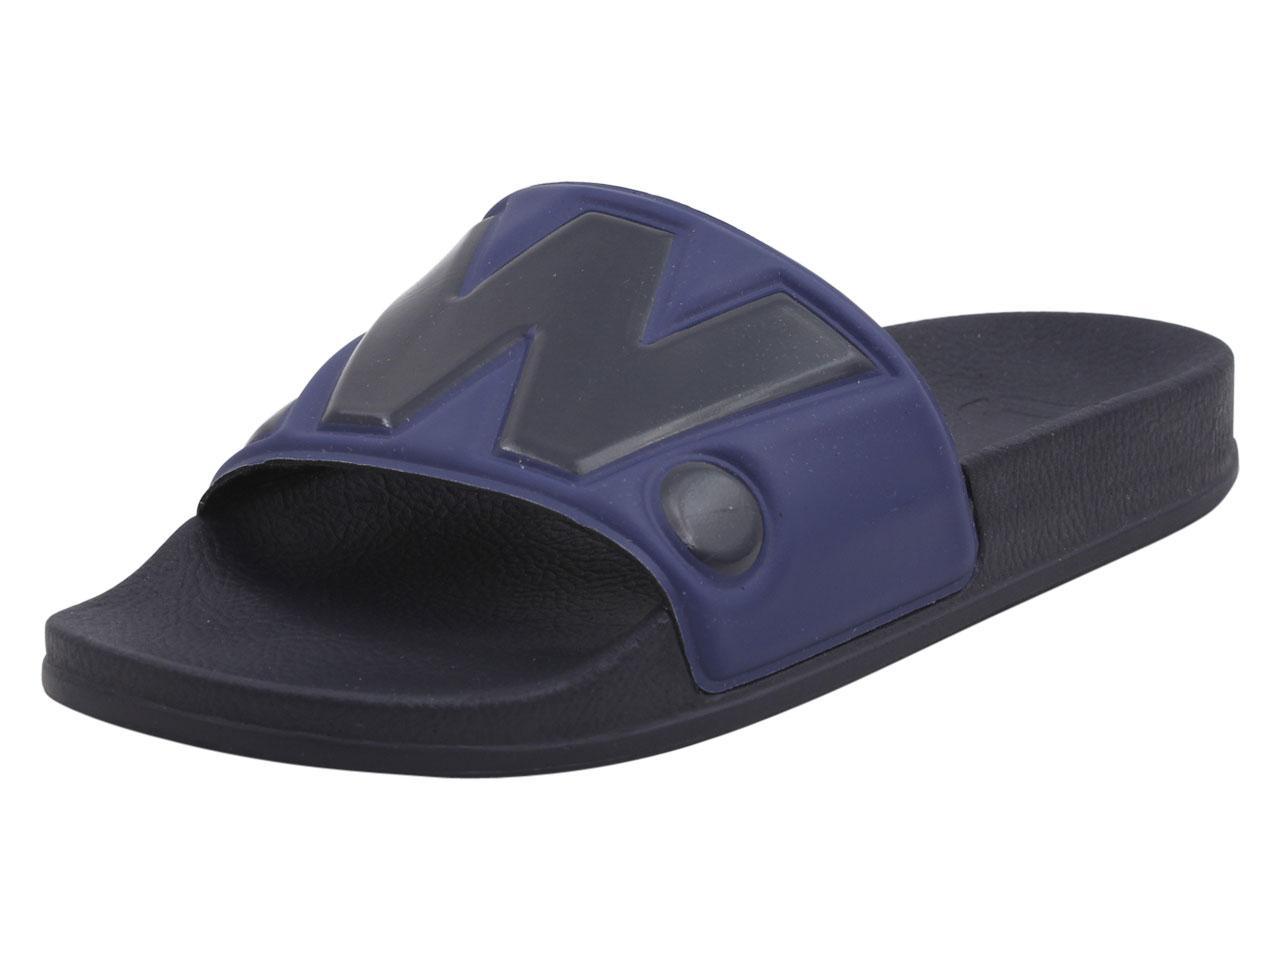 Image of G-Star Raw Men's Cart-Slide-II Slides Sandals Shoes 10 D(M) US